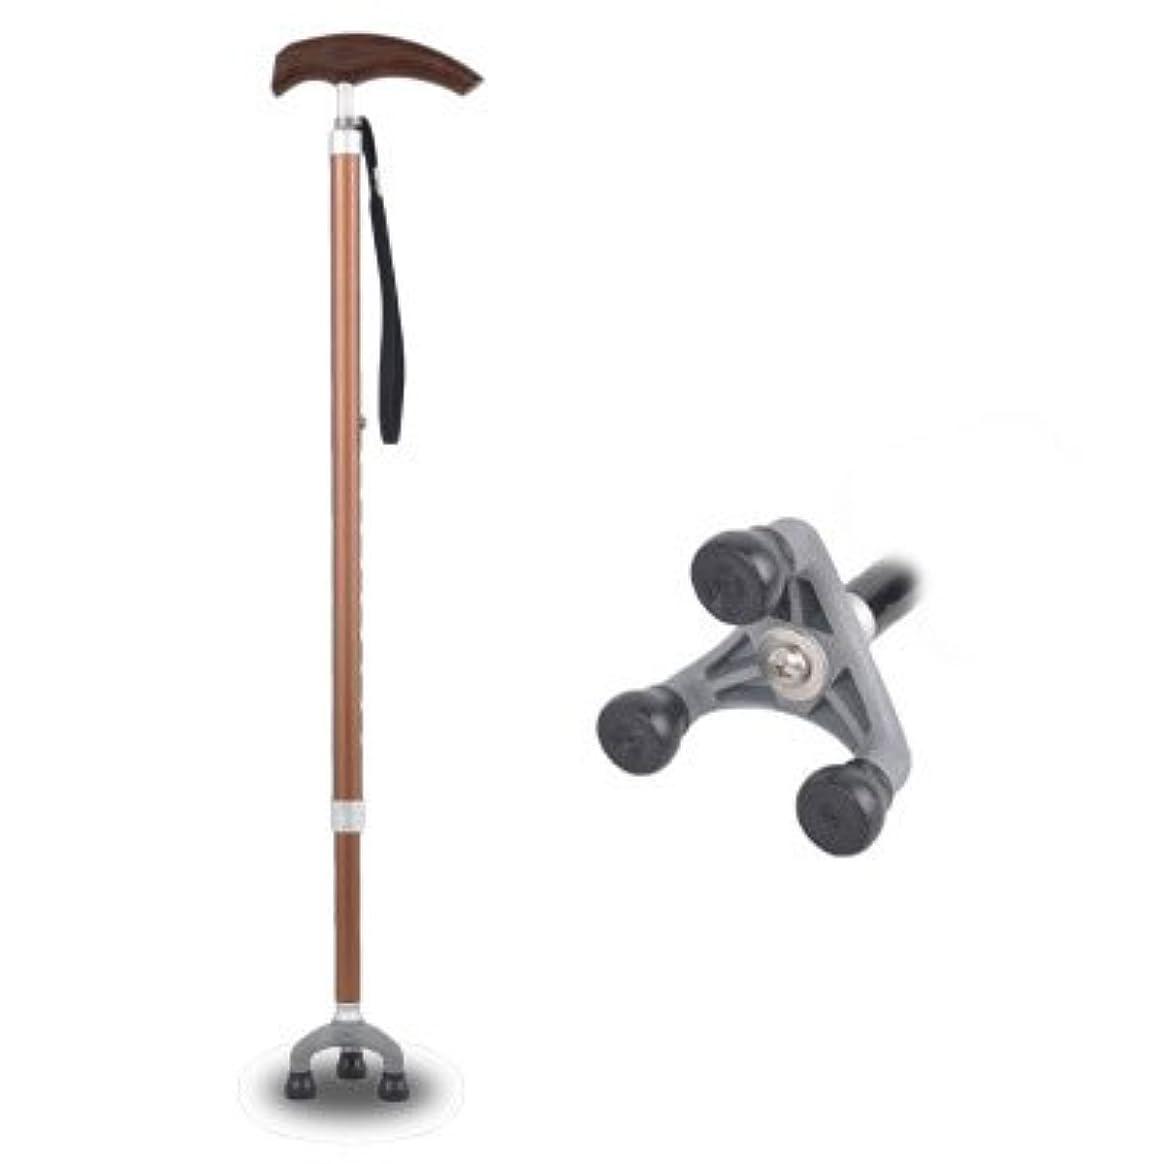 境界アレイ夜の動物園高齢者3脚360度回転可能な杖と歩行スティック用伸縮式歩行スティック高さ調節可能な屋外松葉杖滑り止めアルミ合金真鍮95-97.5Cm